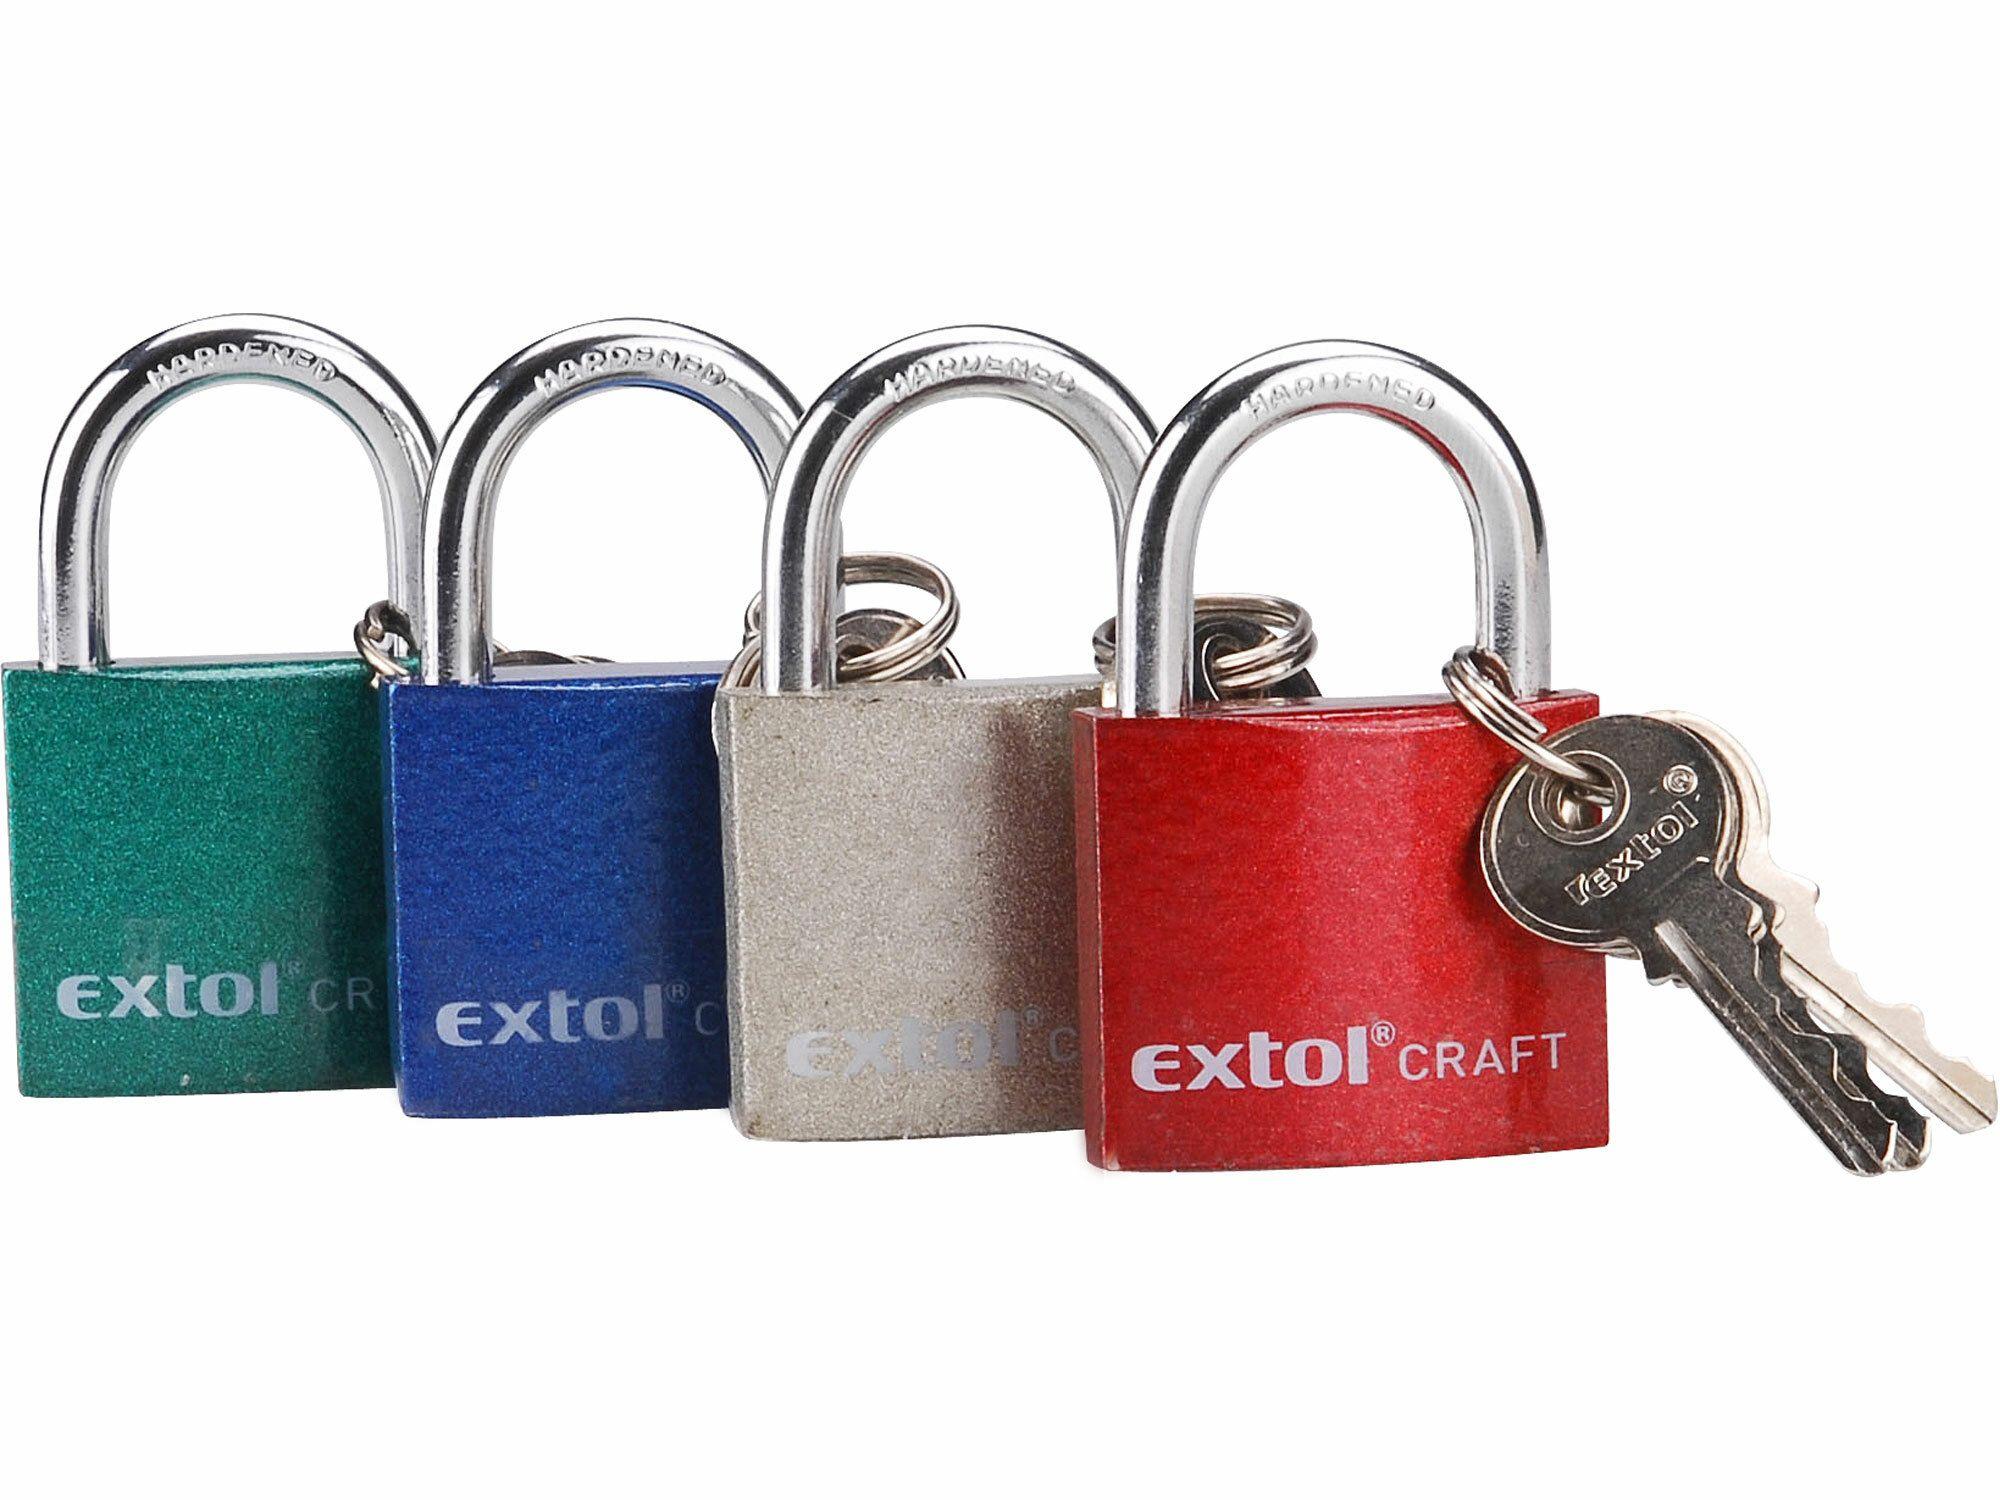 Zámek visací litinový barevný, 25mm, 3 klíče EXTOL-CRAFT